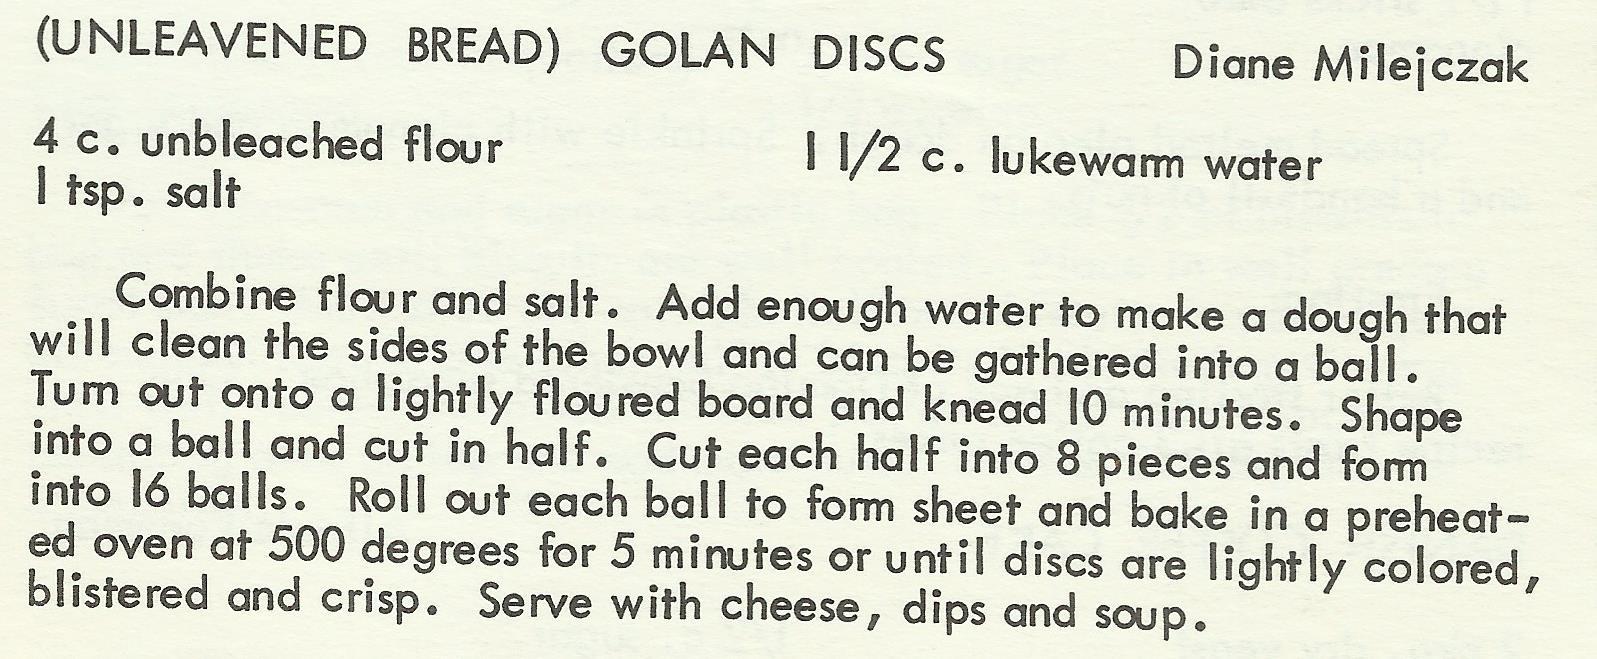 Unleavened Bread; Golan Discs